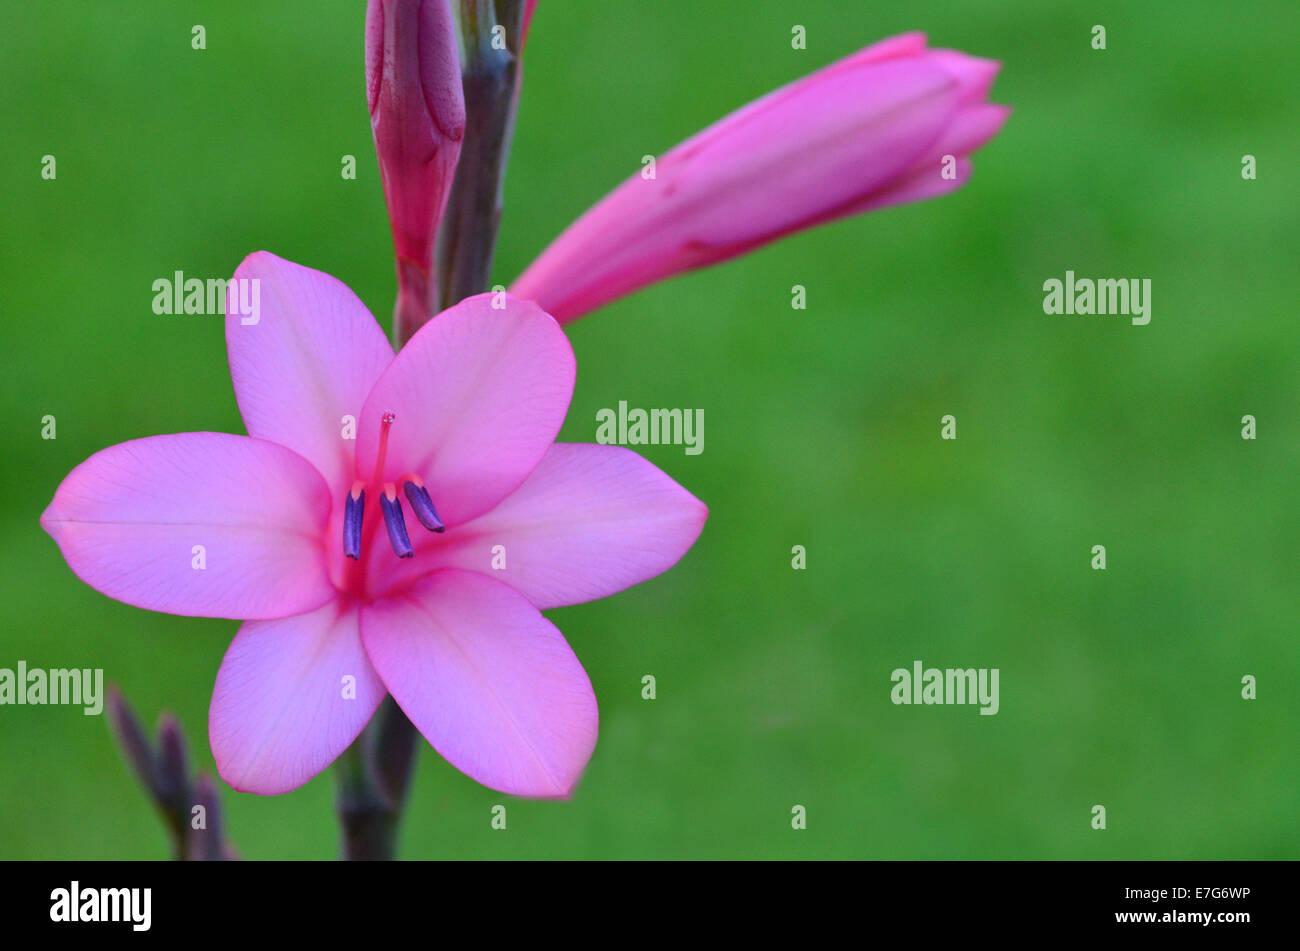 Glaïeul rose fleurs dans le jardin pendant la saison de printemps. Photo Stock